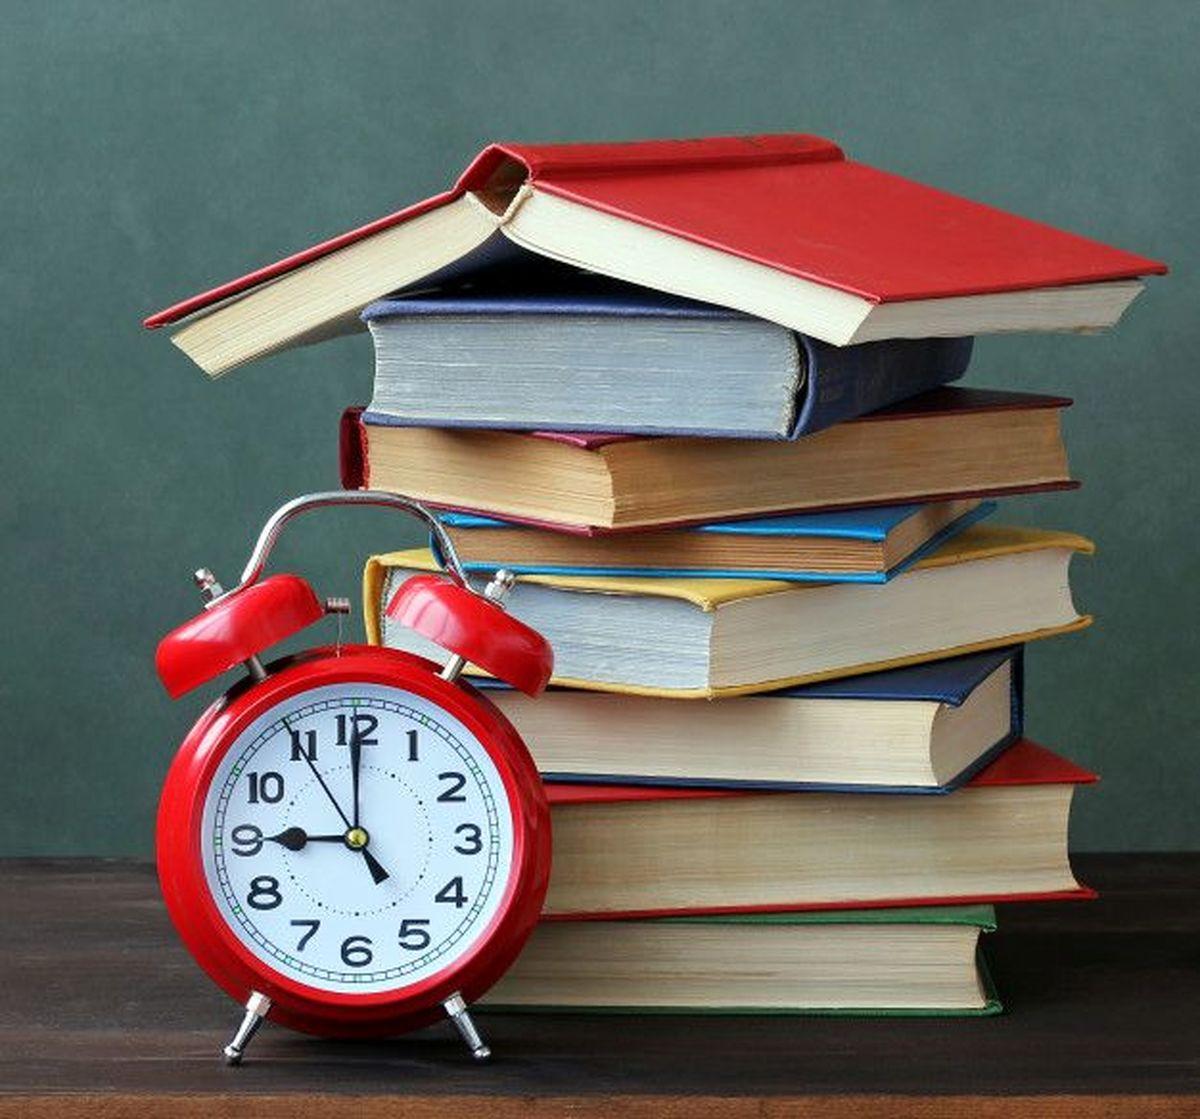 همگام با آموزش نوین - کتابانه